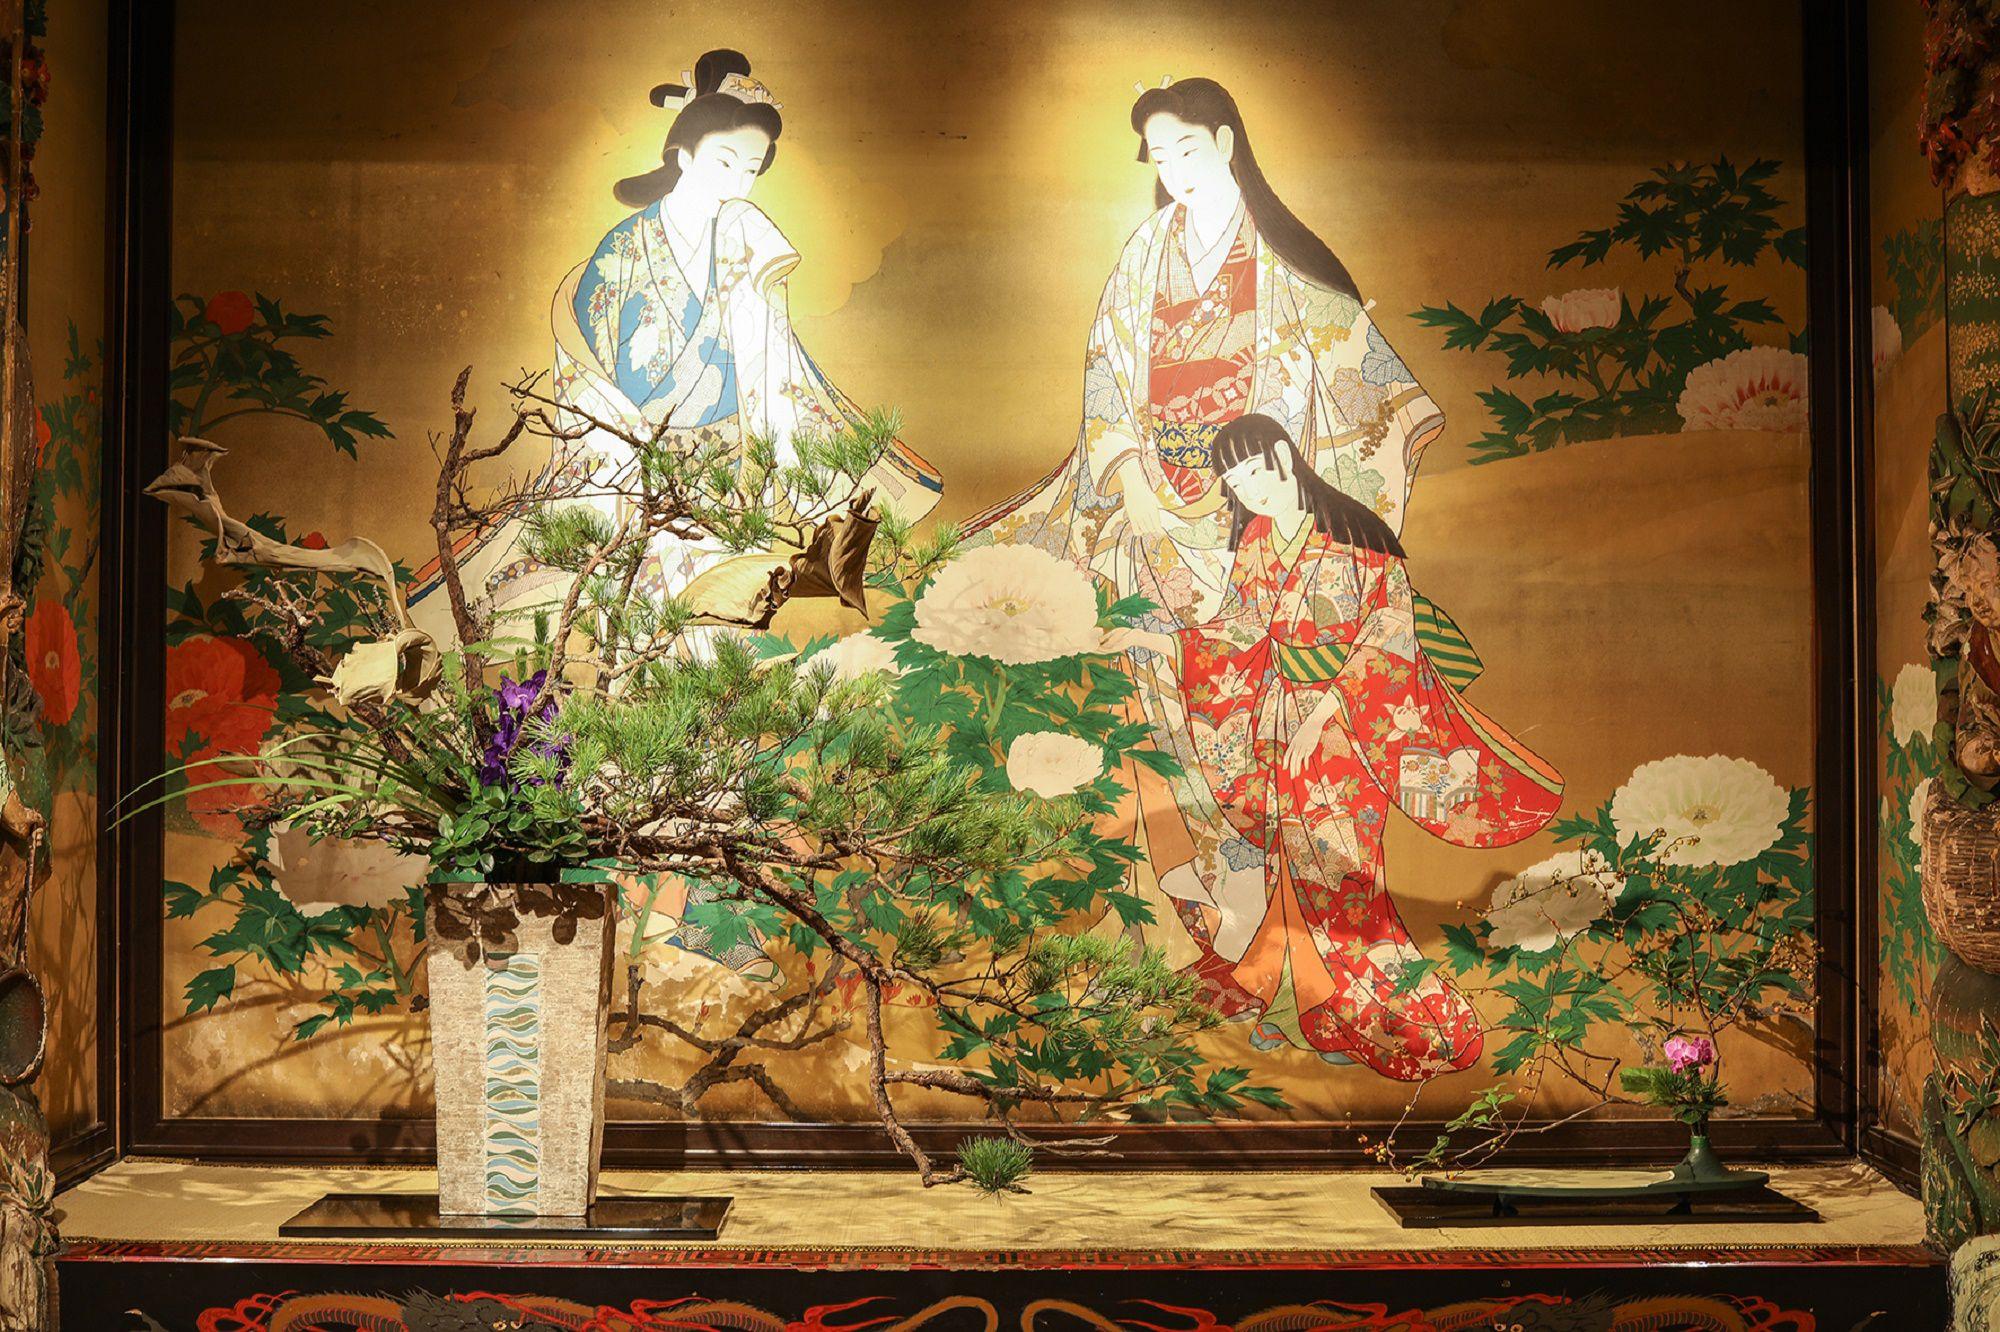 極彩色に彩られた漁樵の間では、日本画といけばなのコラボレーションが鑑賞できる。